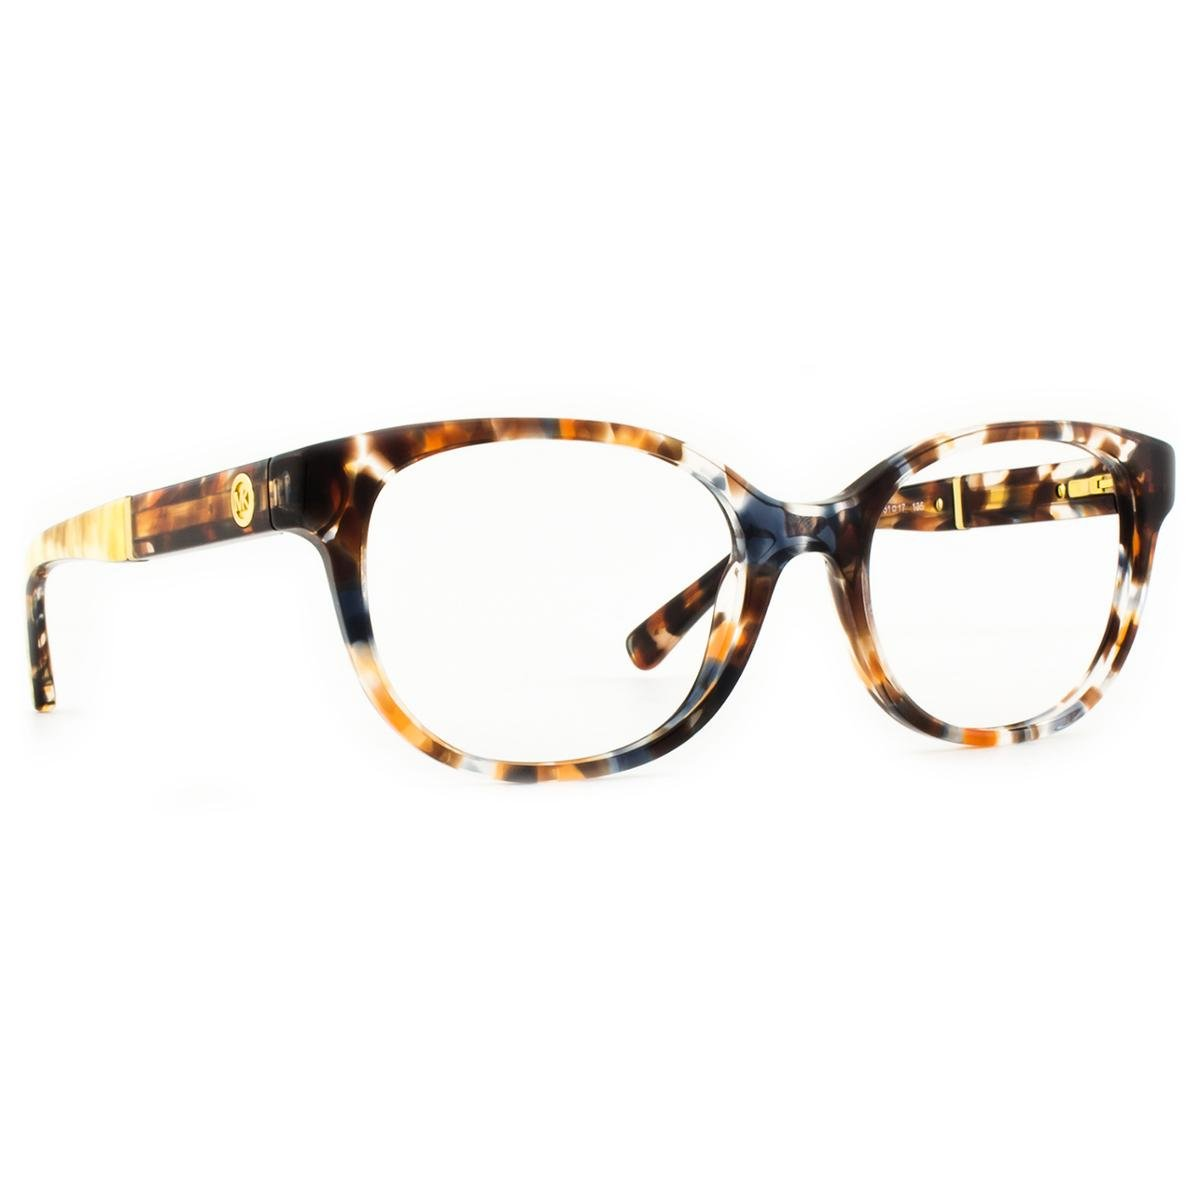 ... Armação Óculos de Grau Michael Kors Rania III MK4032 3169-51 ... 73fa6e11ef